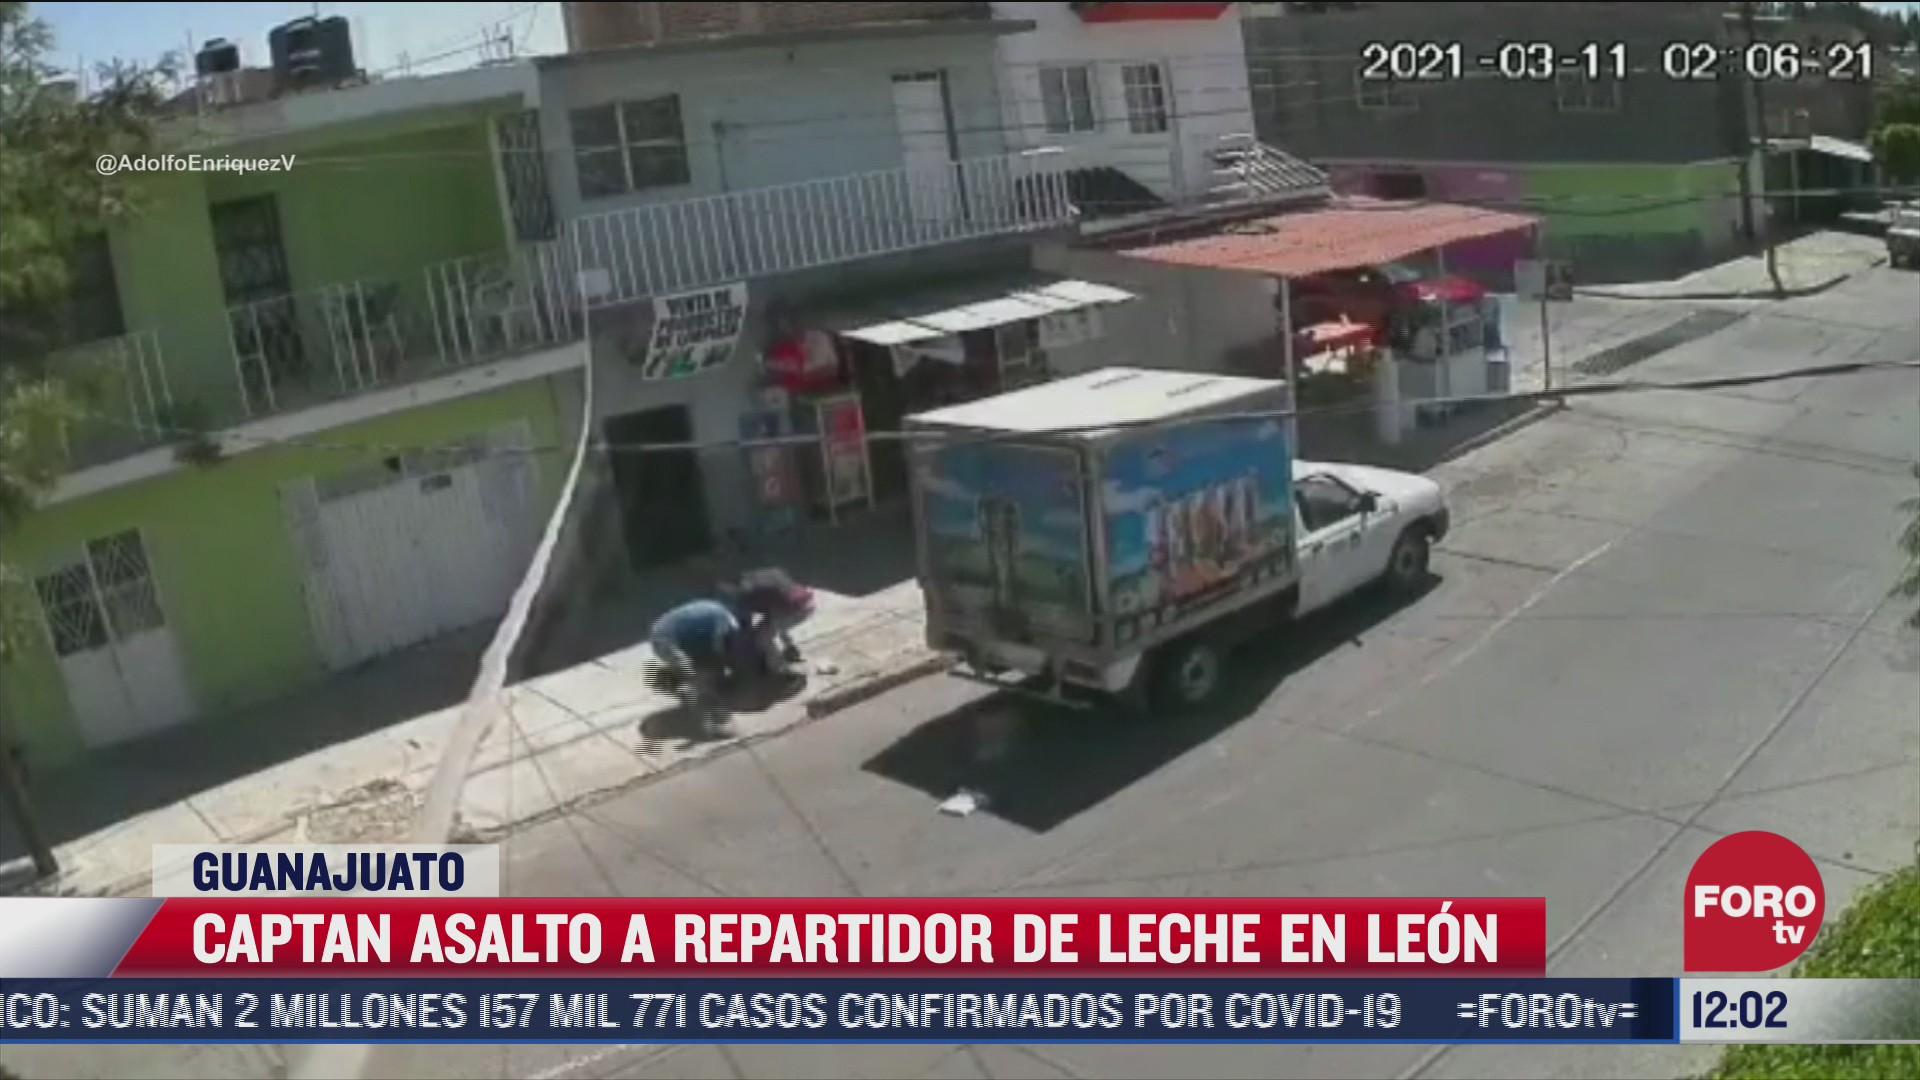 captan asalto de un repartidor de leche en guanajuato